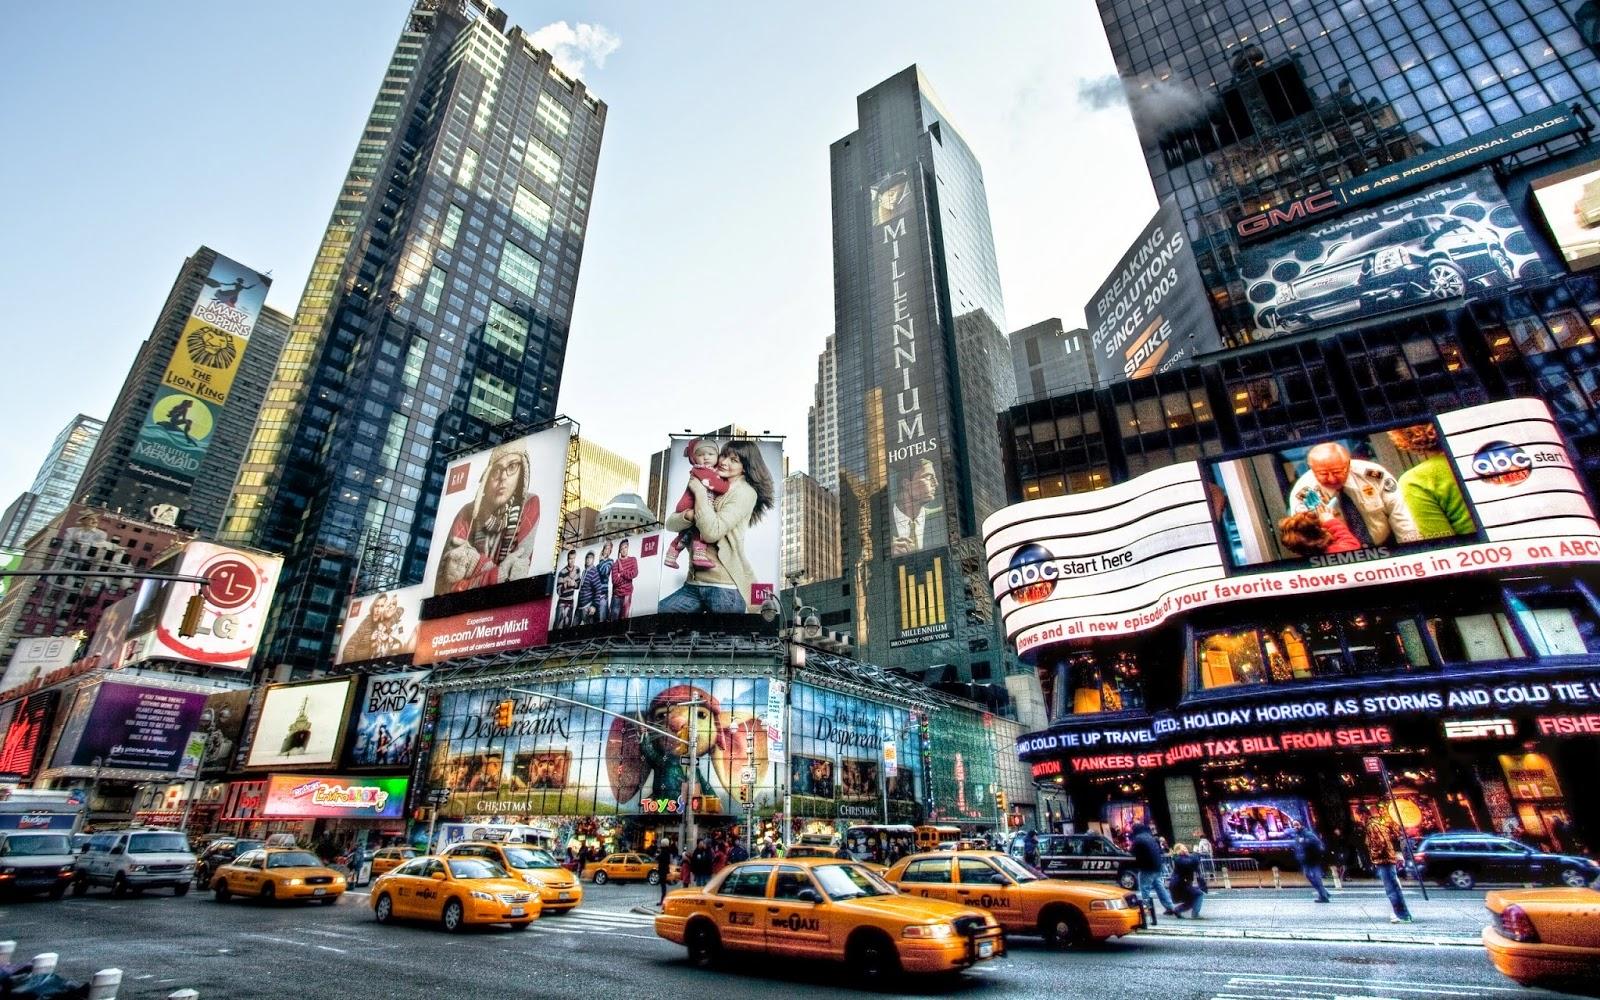 pengertian definisi arti periklanan advertising marketing pemasaran promosi manfaat tujuan menurut ahli teori penerapan bahan materi karya ilmiah kuliah mahasiswa komunikasi branding perusahaan merek contoh studi kasus case study